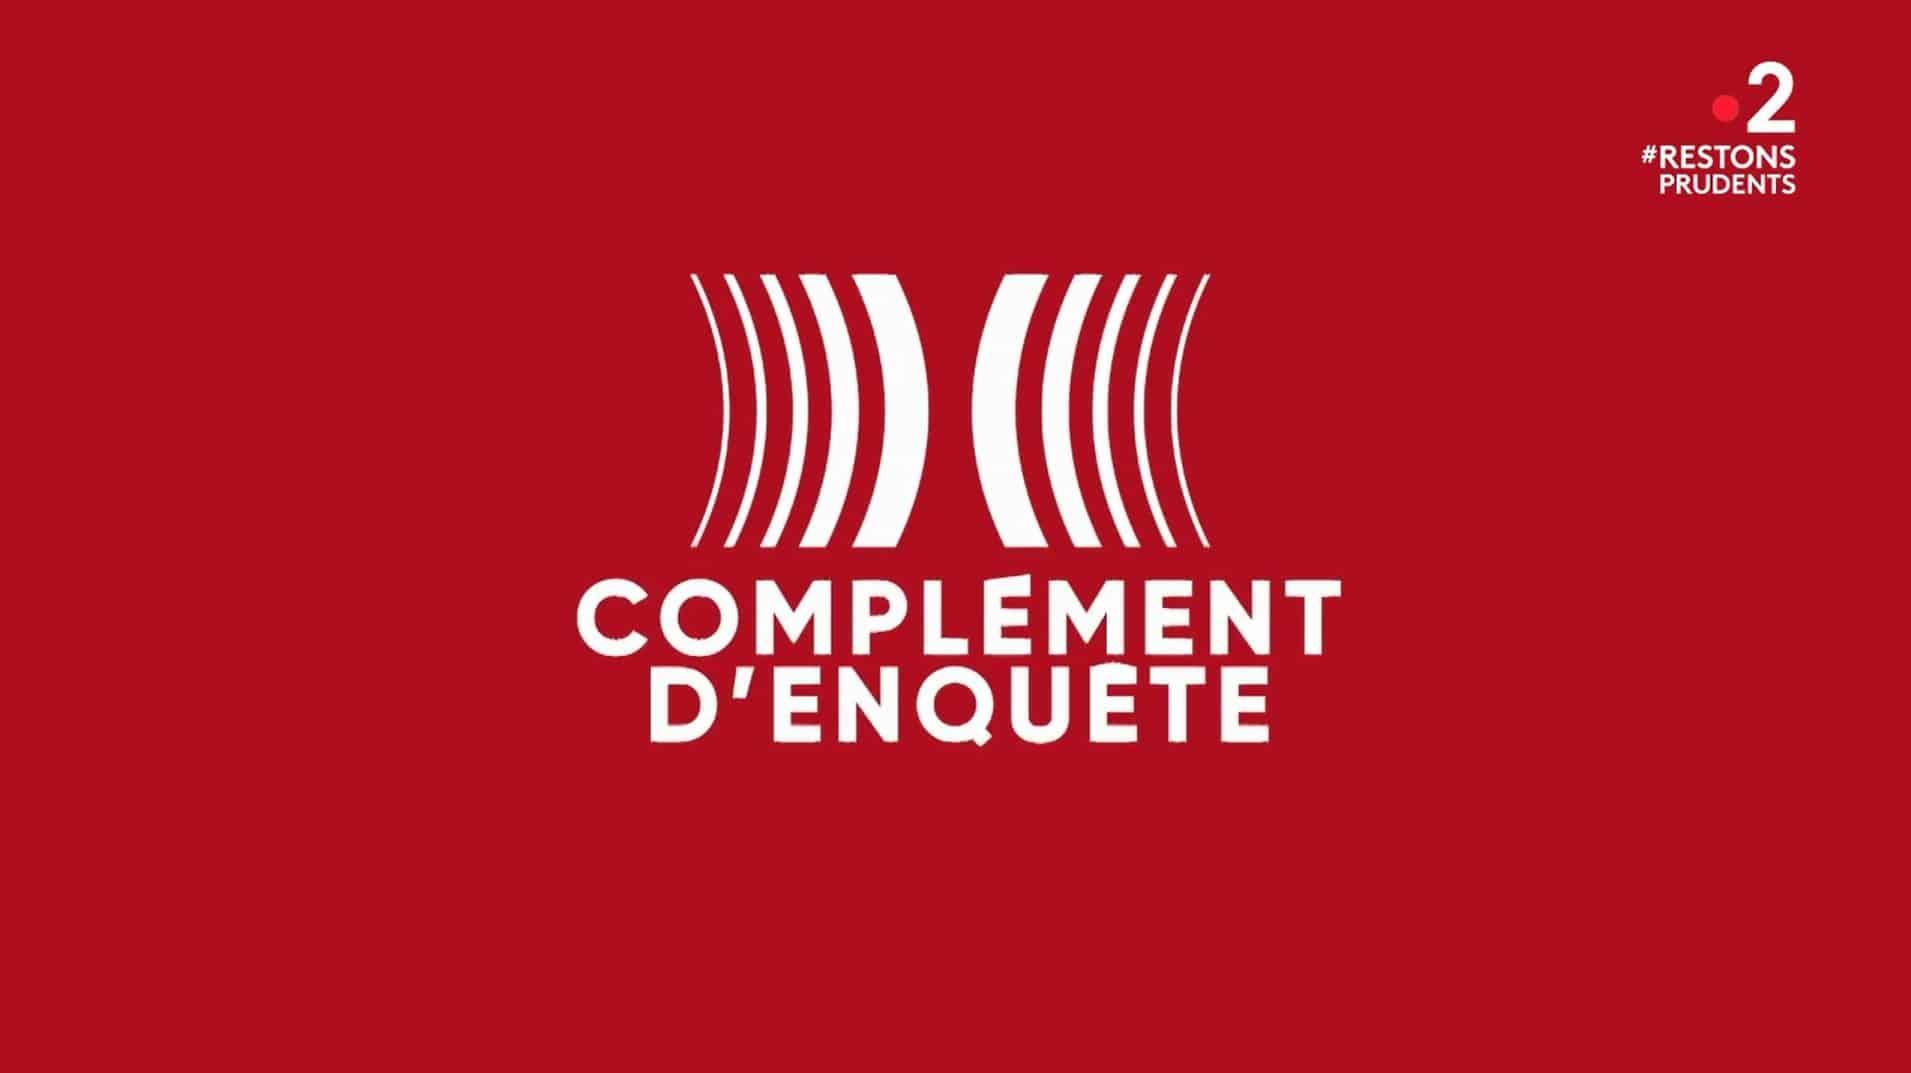 Saisi du CSA à propos du reportage de «Complément d'enquête» consacrée à La France insoumise